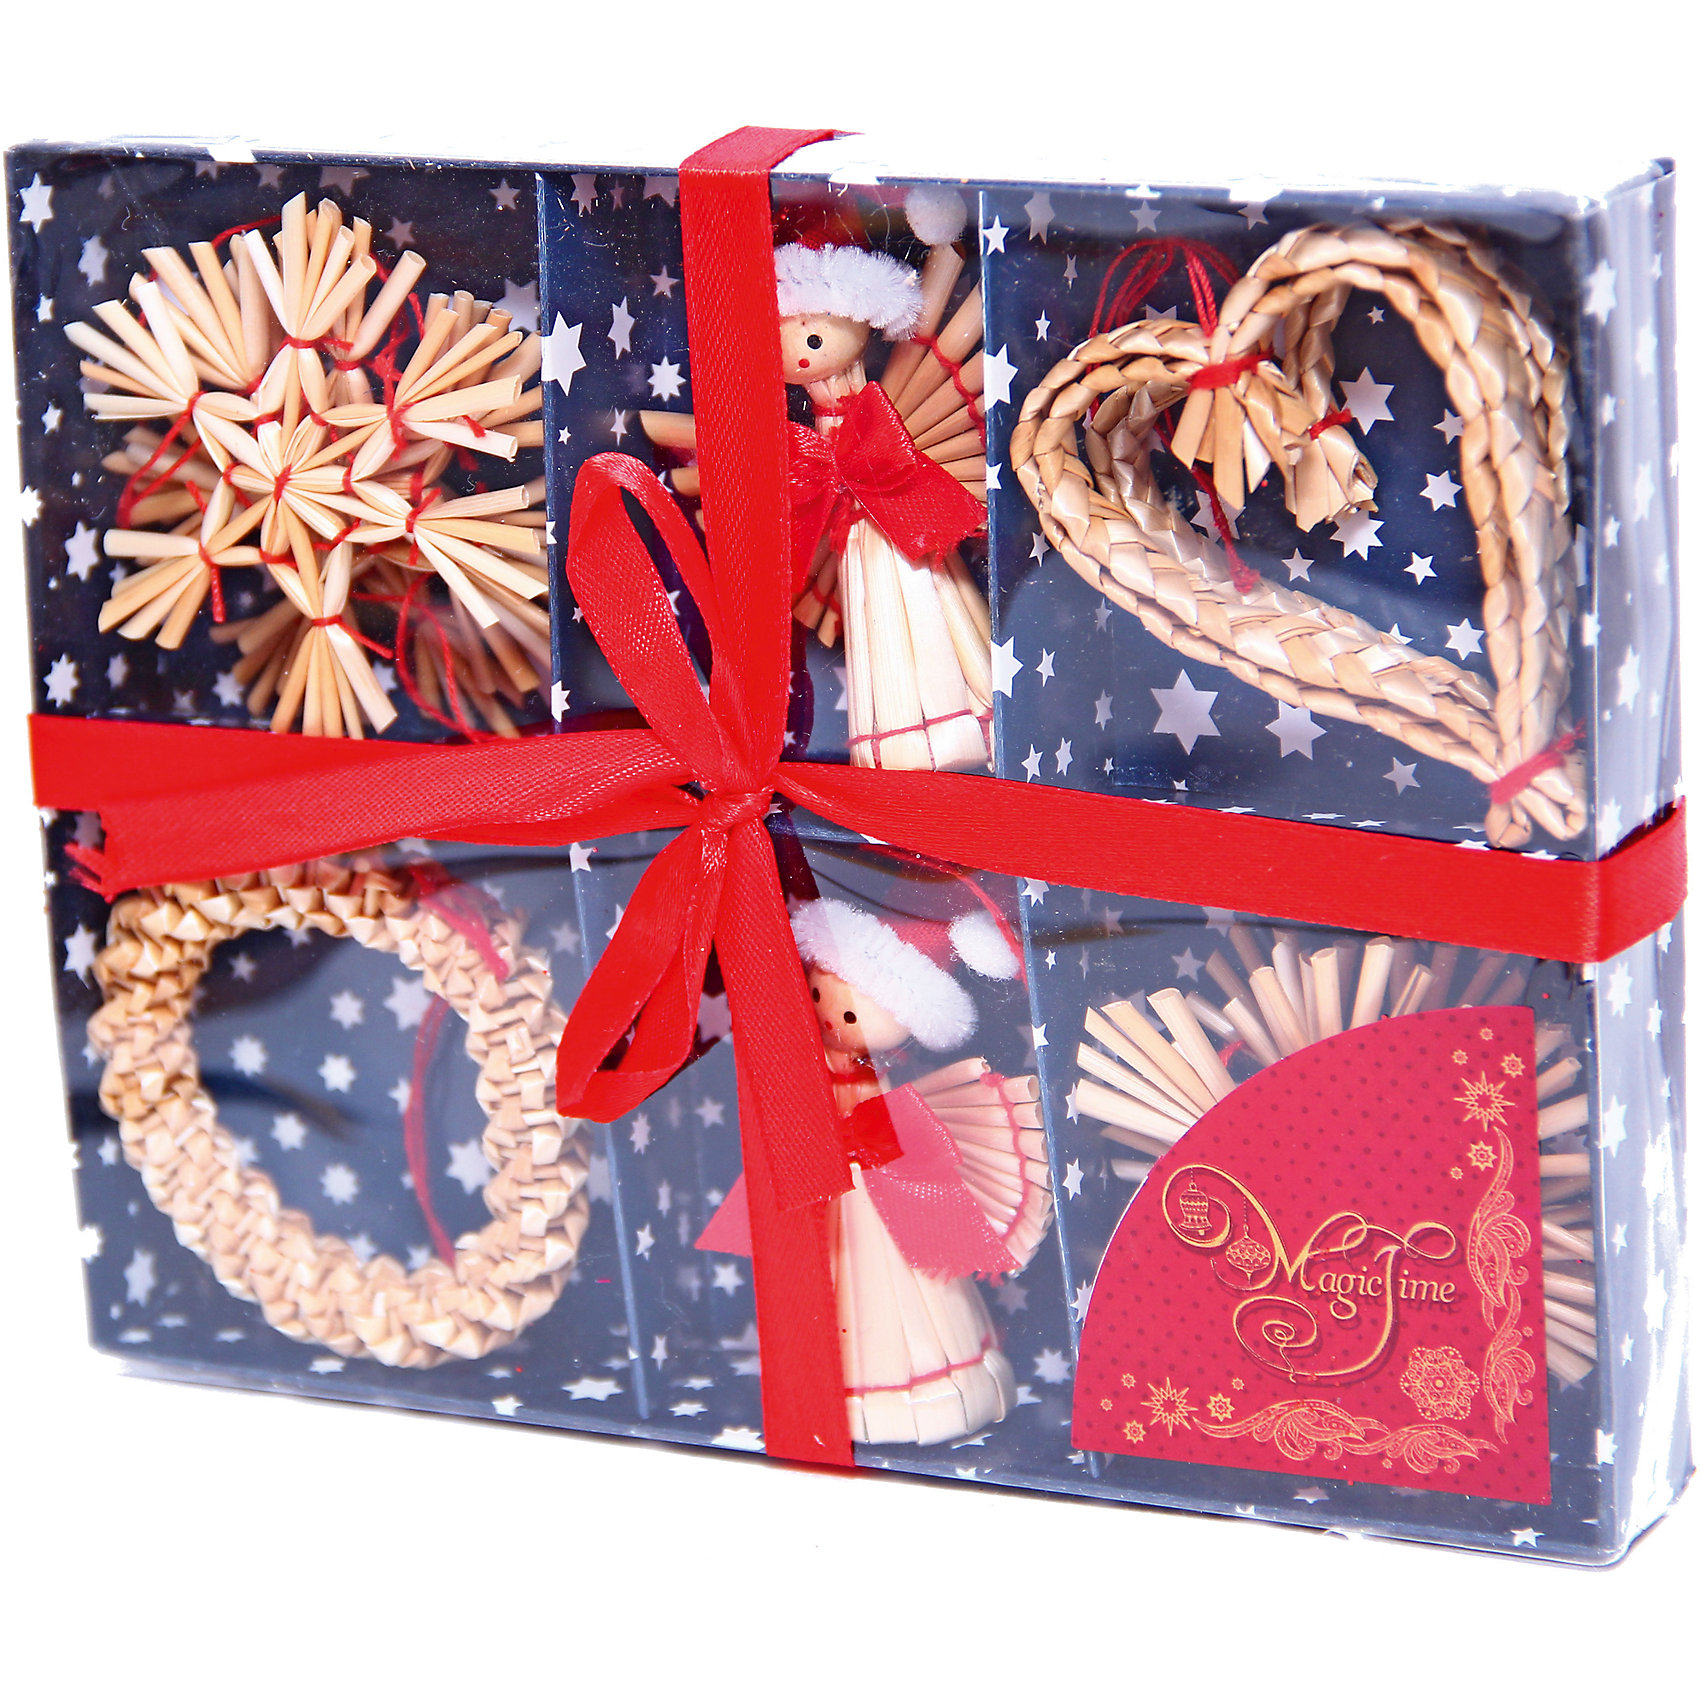 Украшение Ангелы 17*13*2,5 смУкрашение Ангелы, Феникс-Презент, замечательно украсит Вашу елку или интерьер на новогодние и рождественские праздники и создаст праздничную волшебную атмосферу. В комплекте 11 украшений из соломки в виде фигурок ангелов, сердечек и звездочек. Поверхность игрушек покрыта лаком, имеются петельки, за которые их можно повесить в любом понравившемся Вам месте.<br><br>Дополнительная информация:<br><br>- Материал: соломка.<br>- Размер украшения: 6 см.<br>- Размер упаковки: 17 х 13 х 2,5 см.<br><br>Украшение Ангелы, Феникс-Презент, можно купить в нашем интернет-магазине.<br><br>Ширина мм: 180<br>Глубина мм: 140<br>Высота мм: 400<br>Вес г: 100<br>Возраст от месяцев: 36<br>Возраст до месяцев: 2147483647<br>Пол: Унисекс<br>Возраст: Детский<br>SKU: 4276489